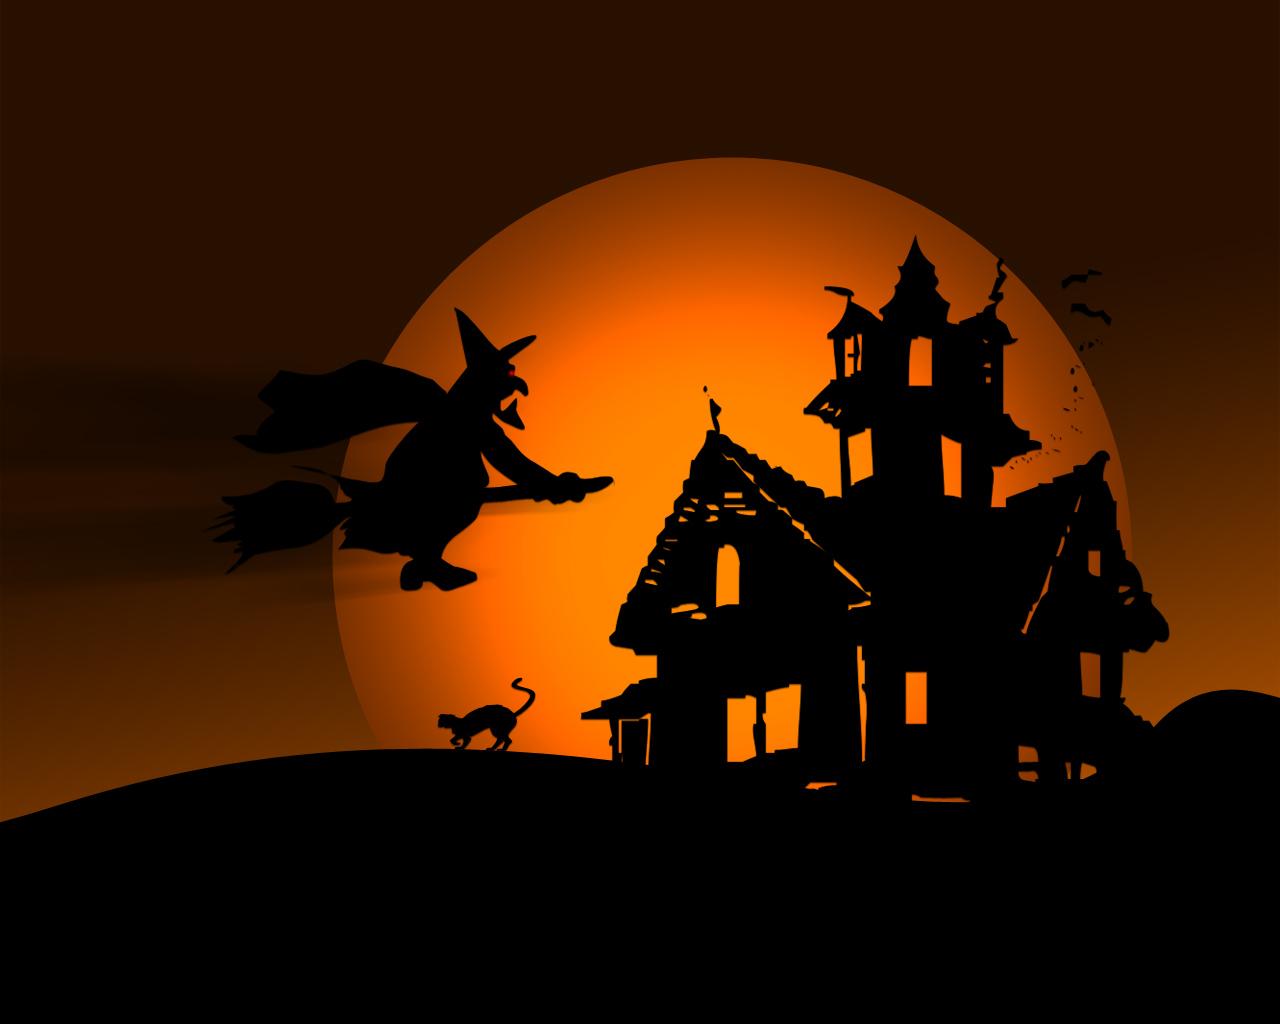 http://2.bp.blogspot.com/-2AmAIXXKu5w/UHbFHqMJrfI/AAAAAAAAALA/BrFqYyCGaNg/s1600/halloween-wallpaper-55.jpg